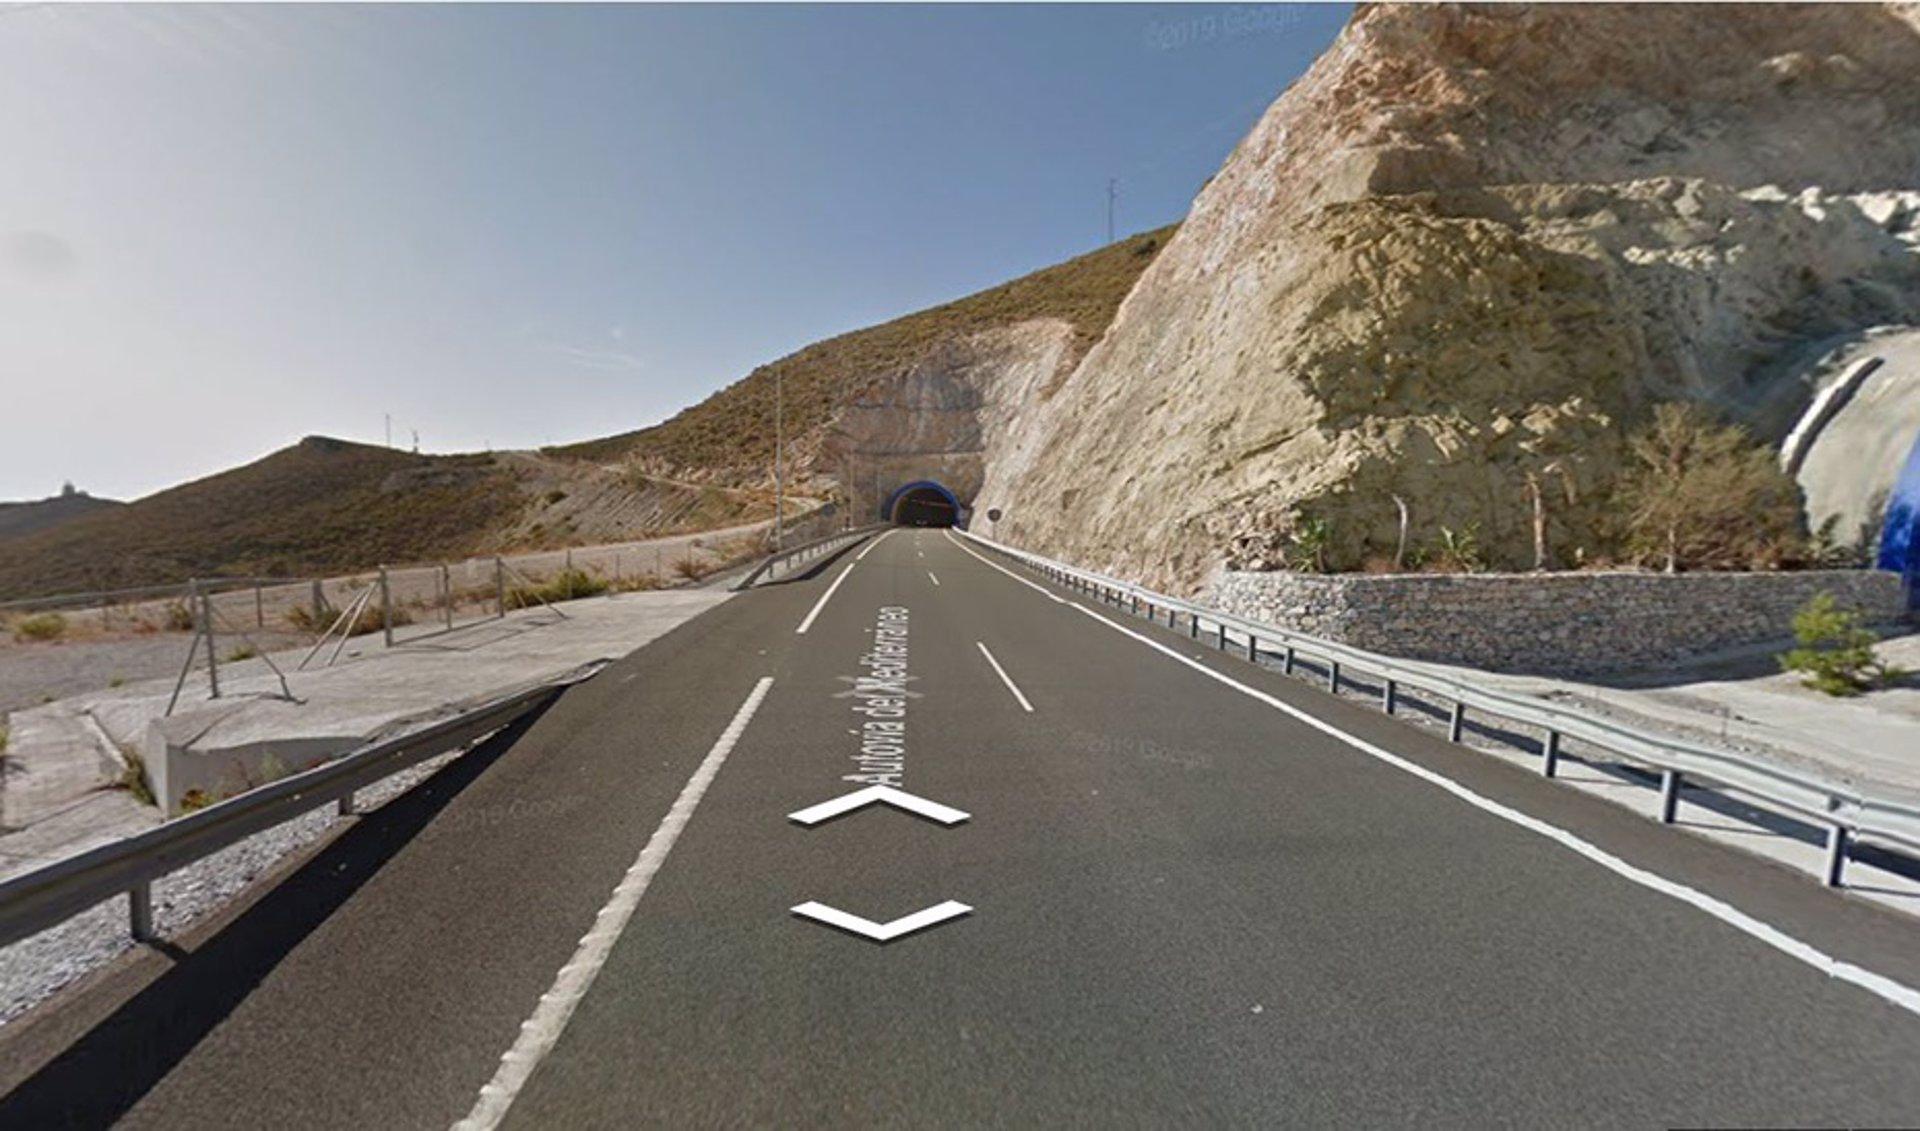 Muere un motorista en la A-7 a la salida de un túnel en Gualchos